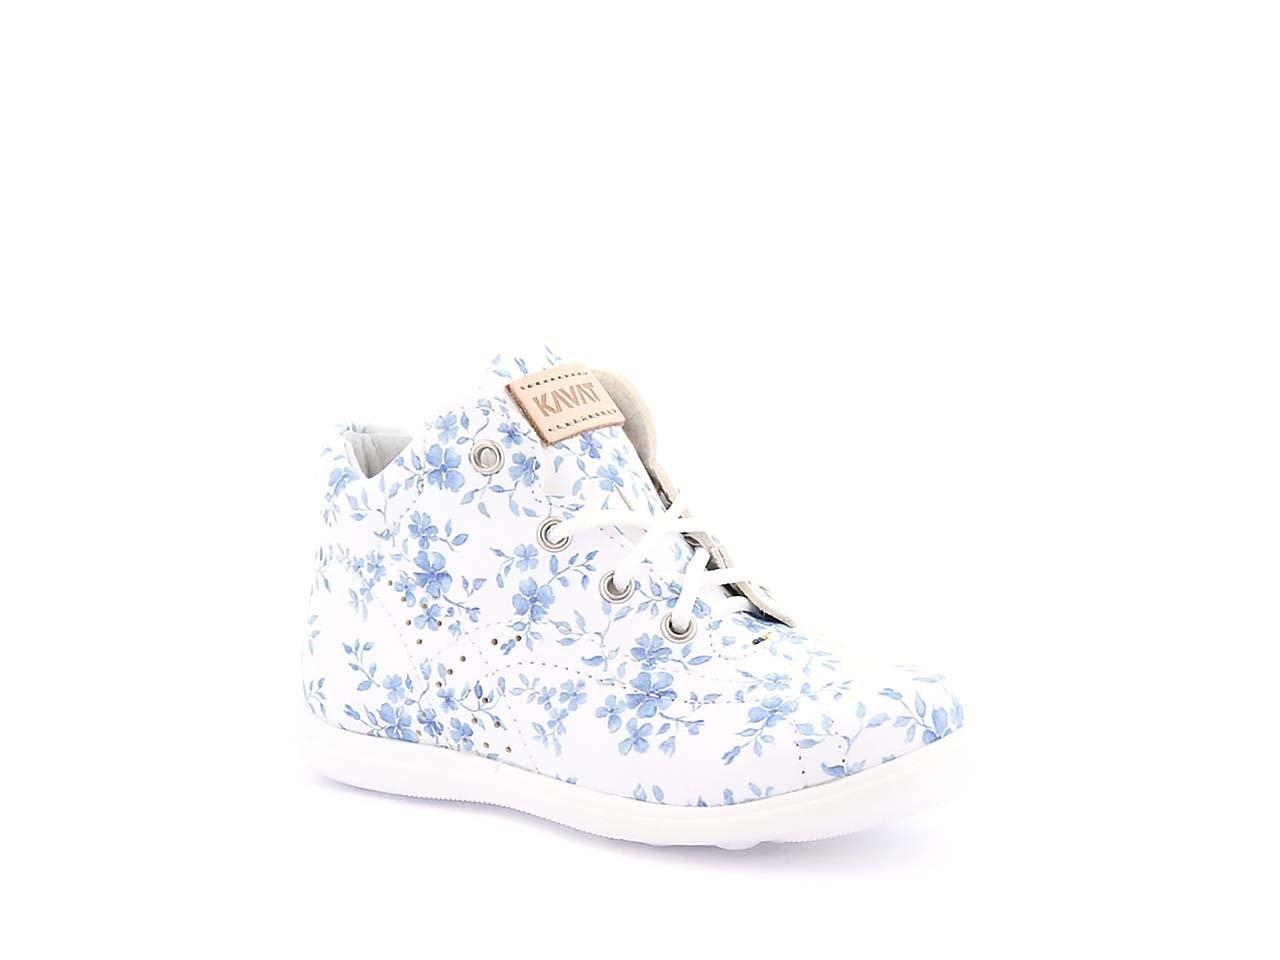 b0c4d9b2 Lära-gå-sko i skinn med snörning blommig